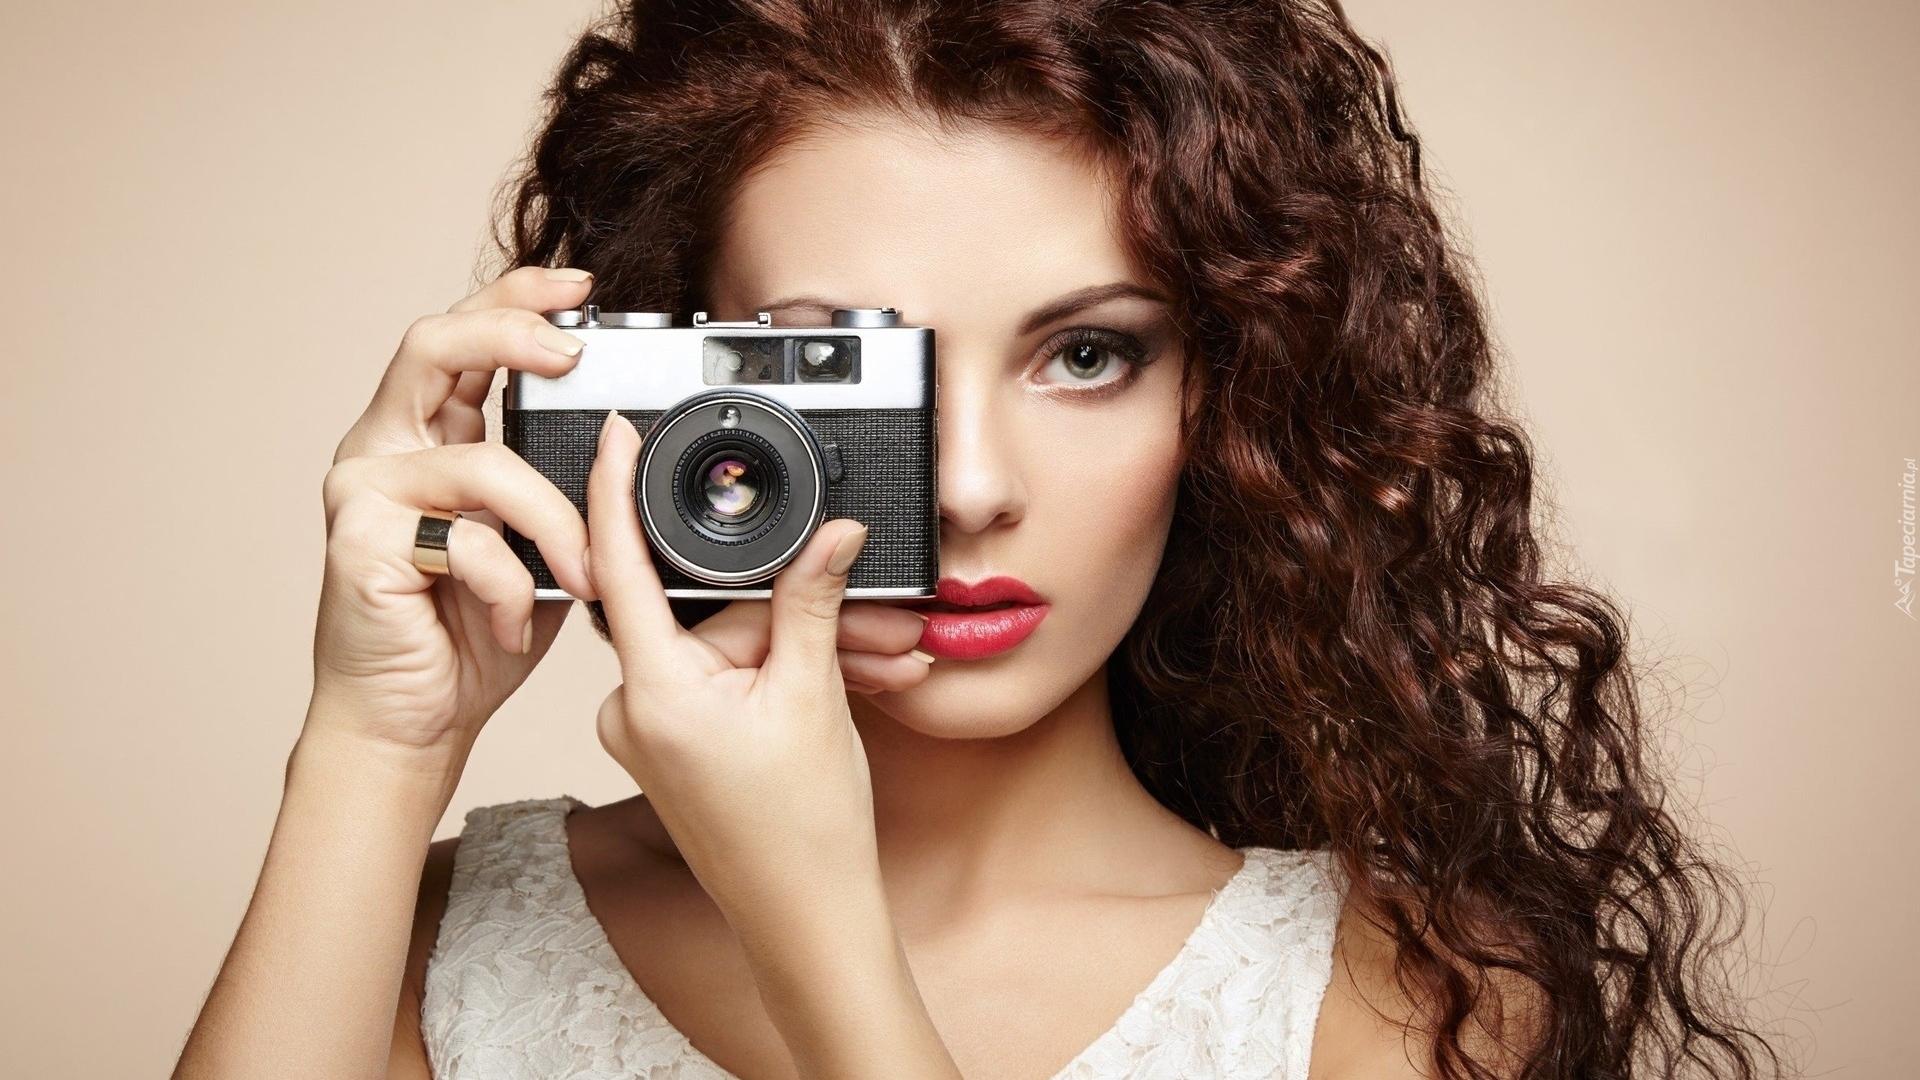 Технические основы фотографии